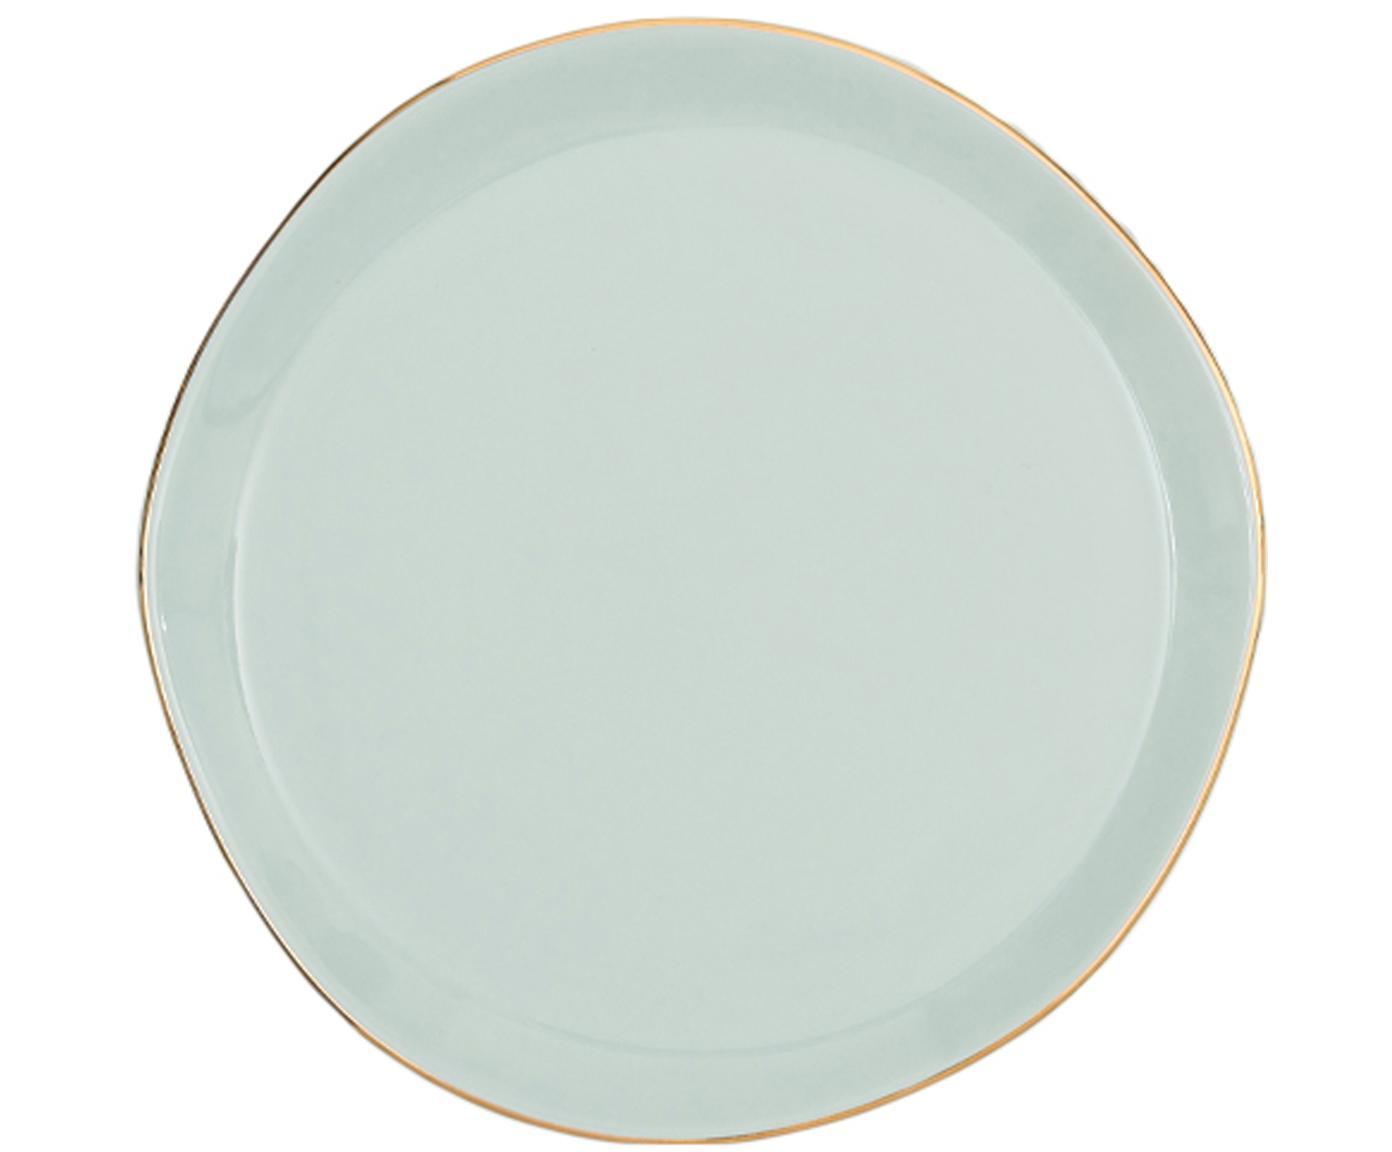 Piatto da colazione con bordo dorato Good Morning, Porcellana, Verde menta, dorato, Ø 17 cm